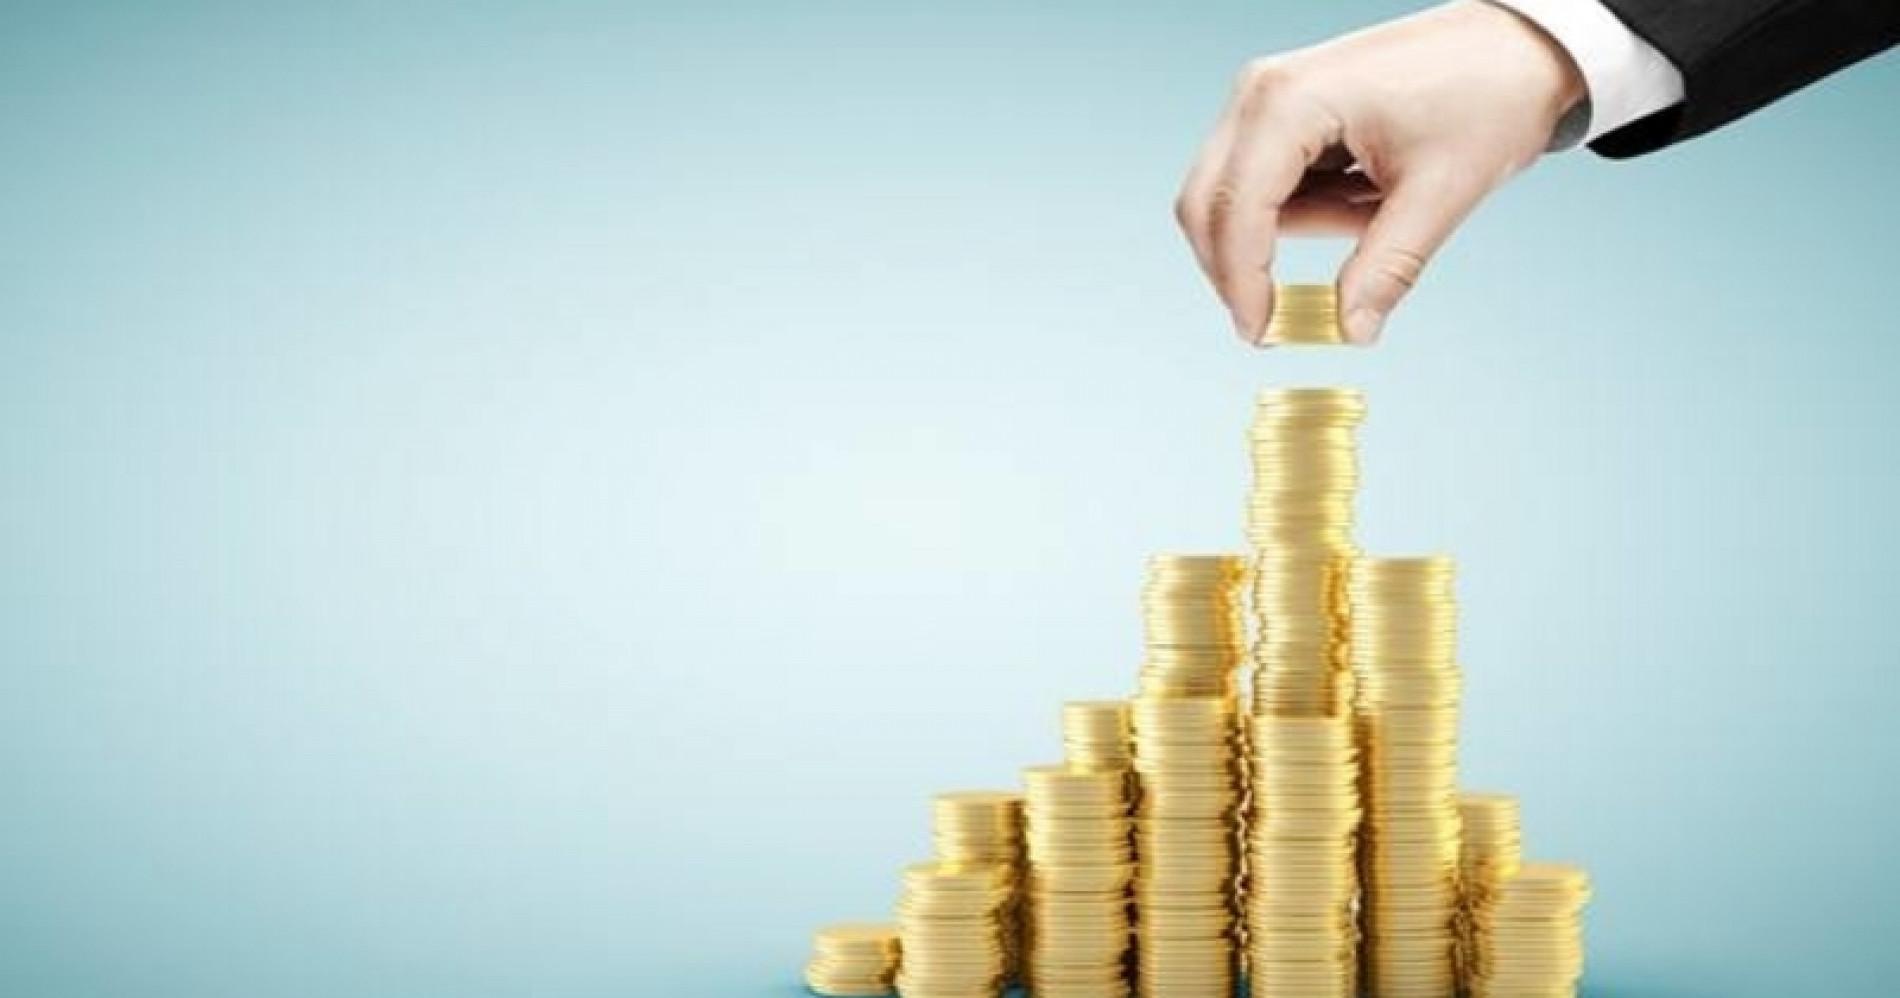 Mengelola keuangan biar cuan maksimal perlu dilakukan dengan cara yang tepat,mulai dari skala prioritas sampai invesasi. (sumber gambar:bisnis.com)